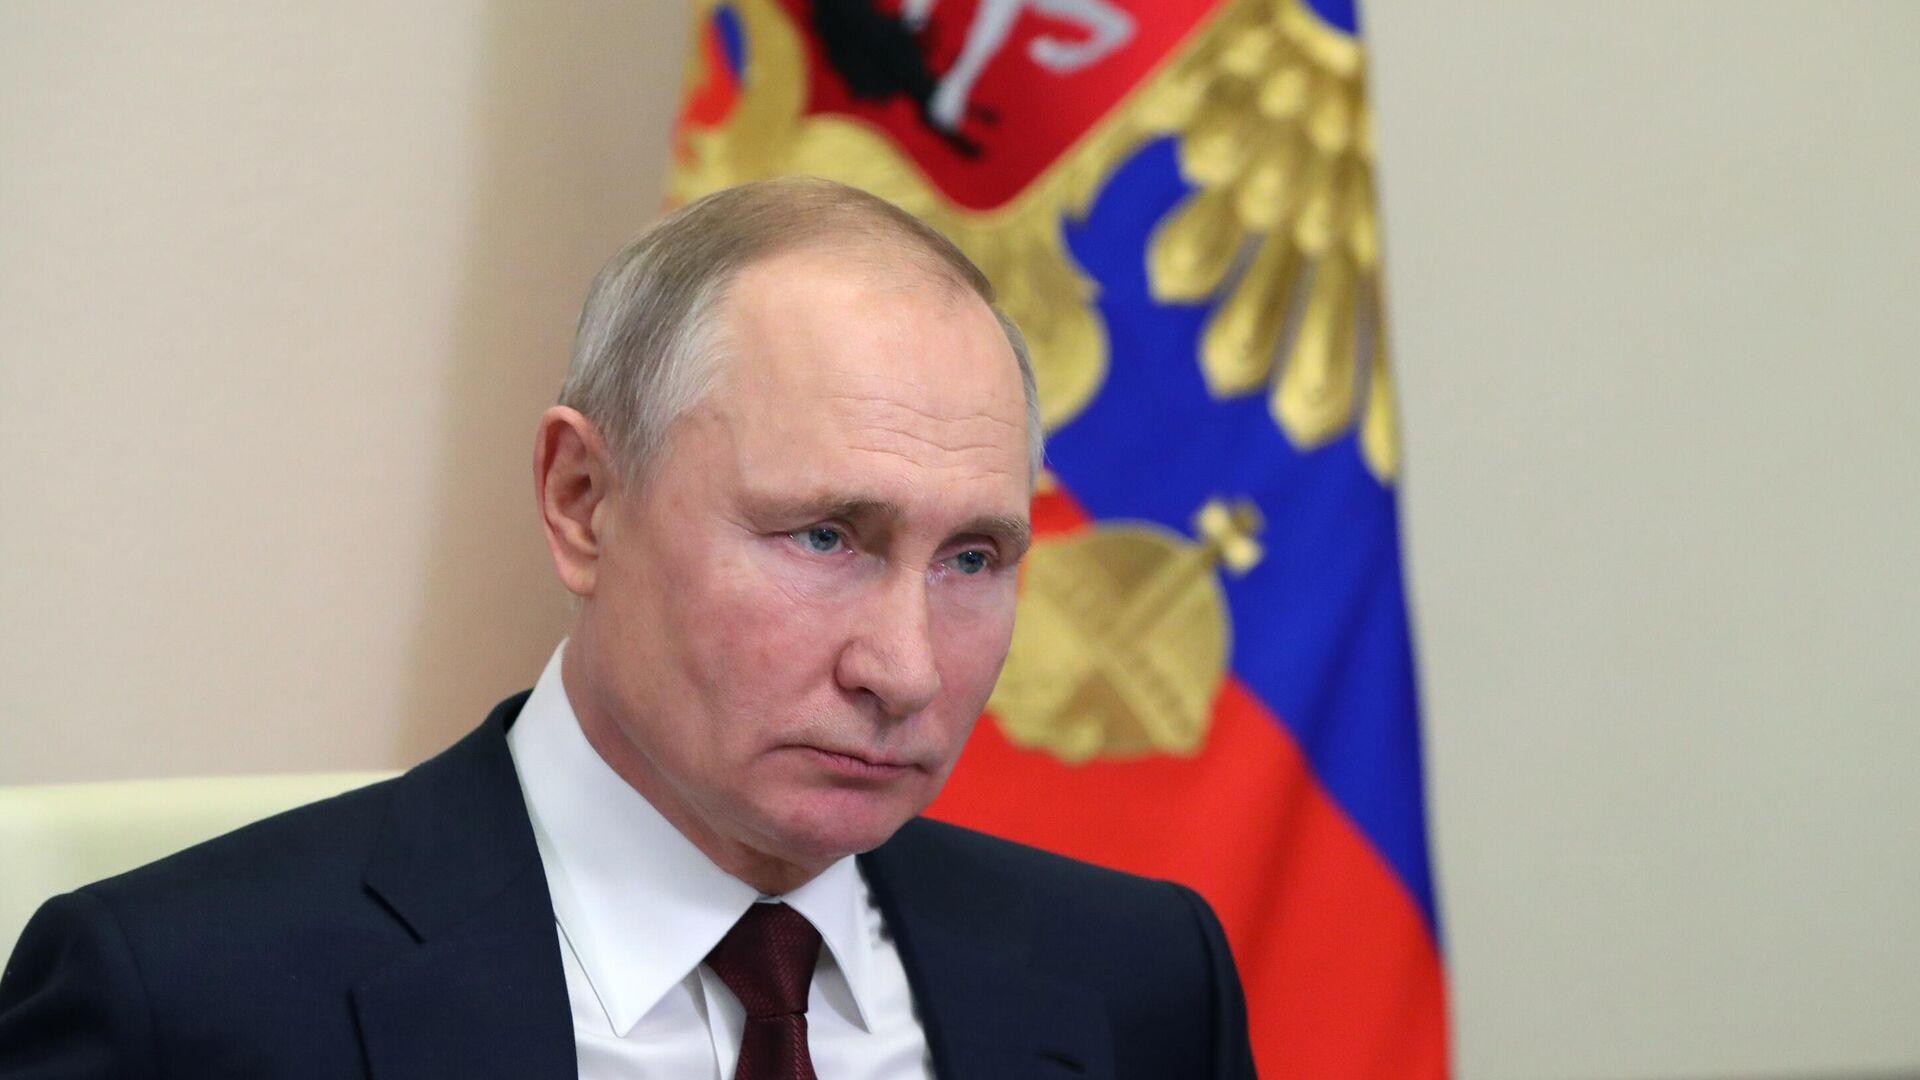 Президент РФ Владимир Путин проводит заседание Совета по науке и образованию в режиме видеоконференции - РИА Новости, 1920, 08.02.2021